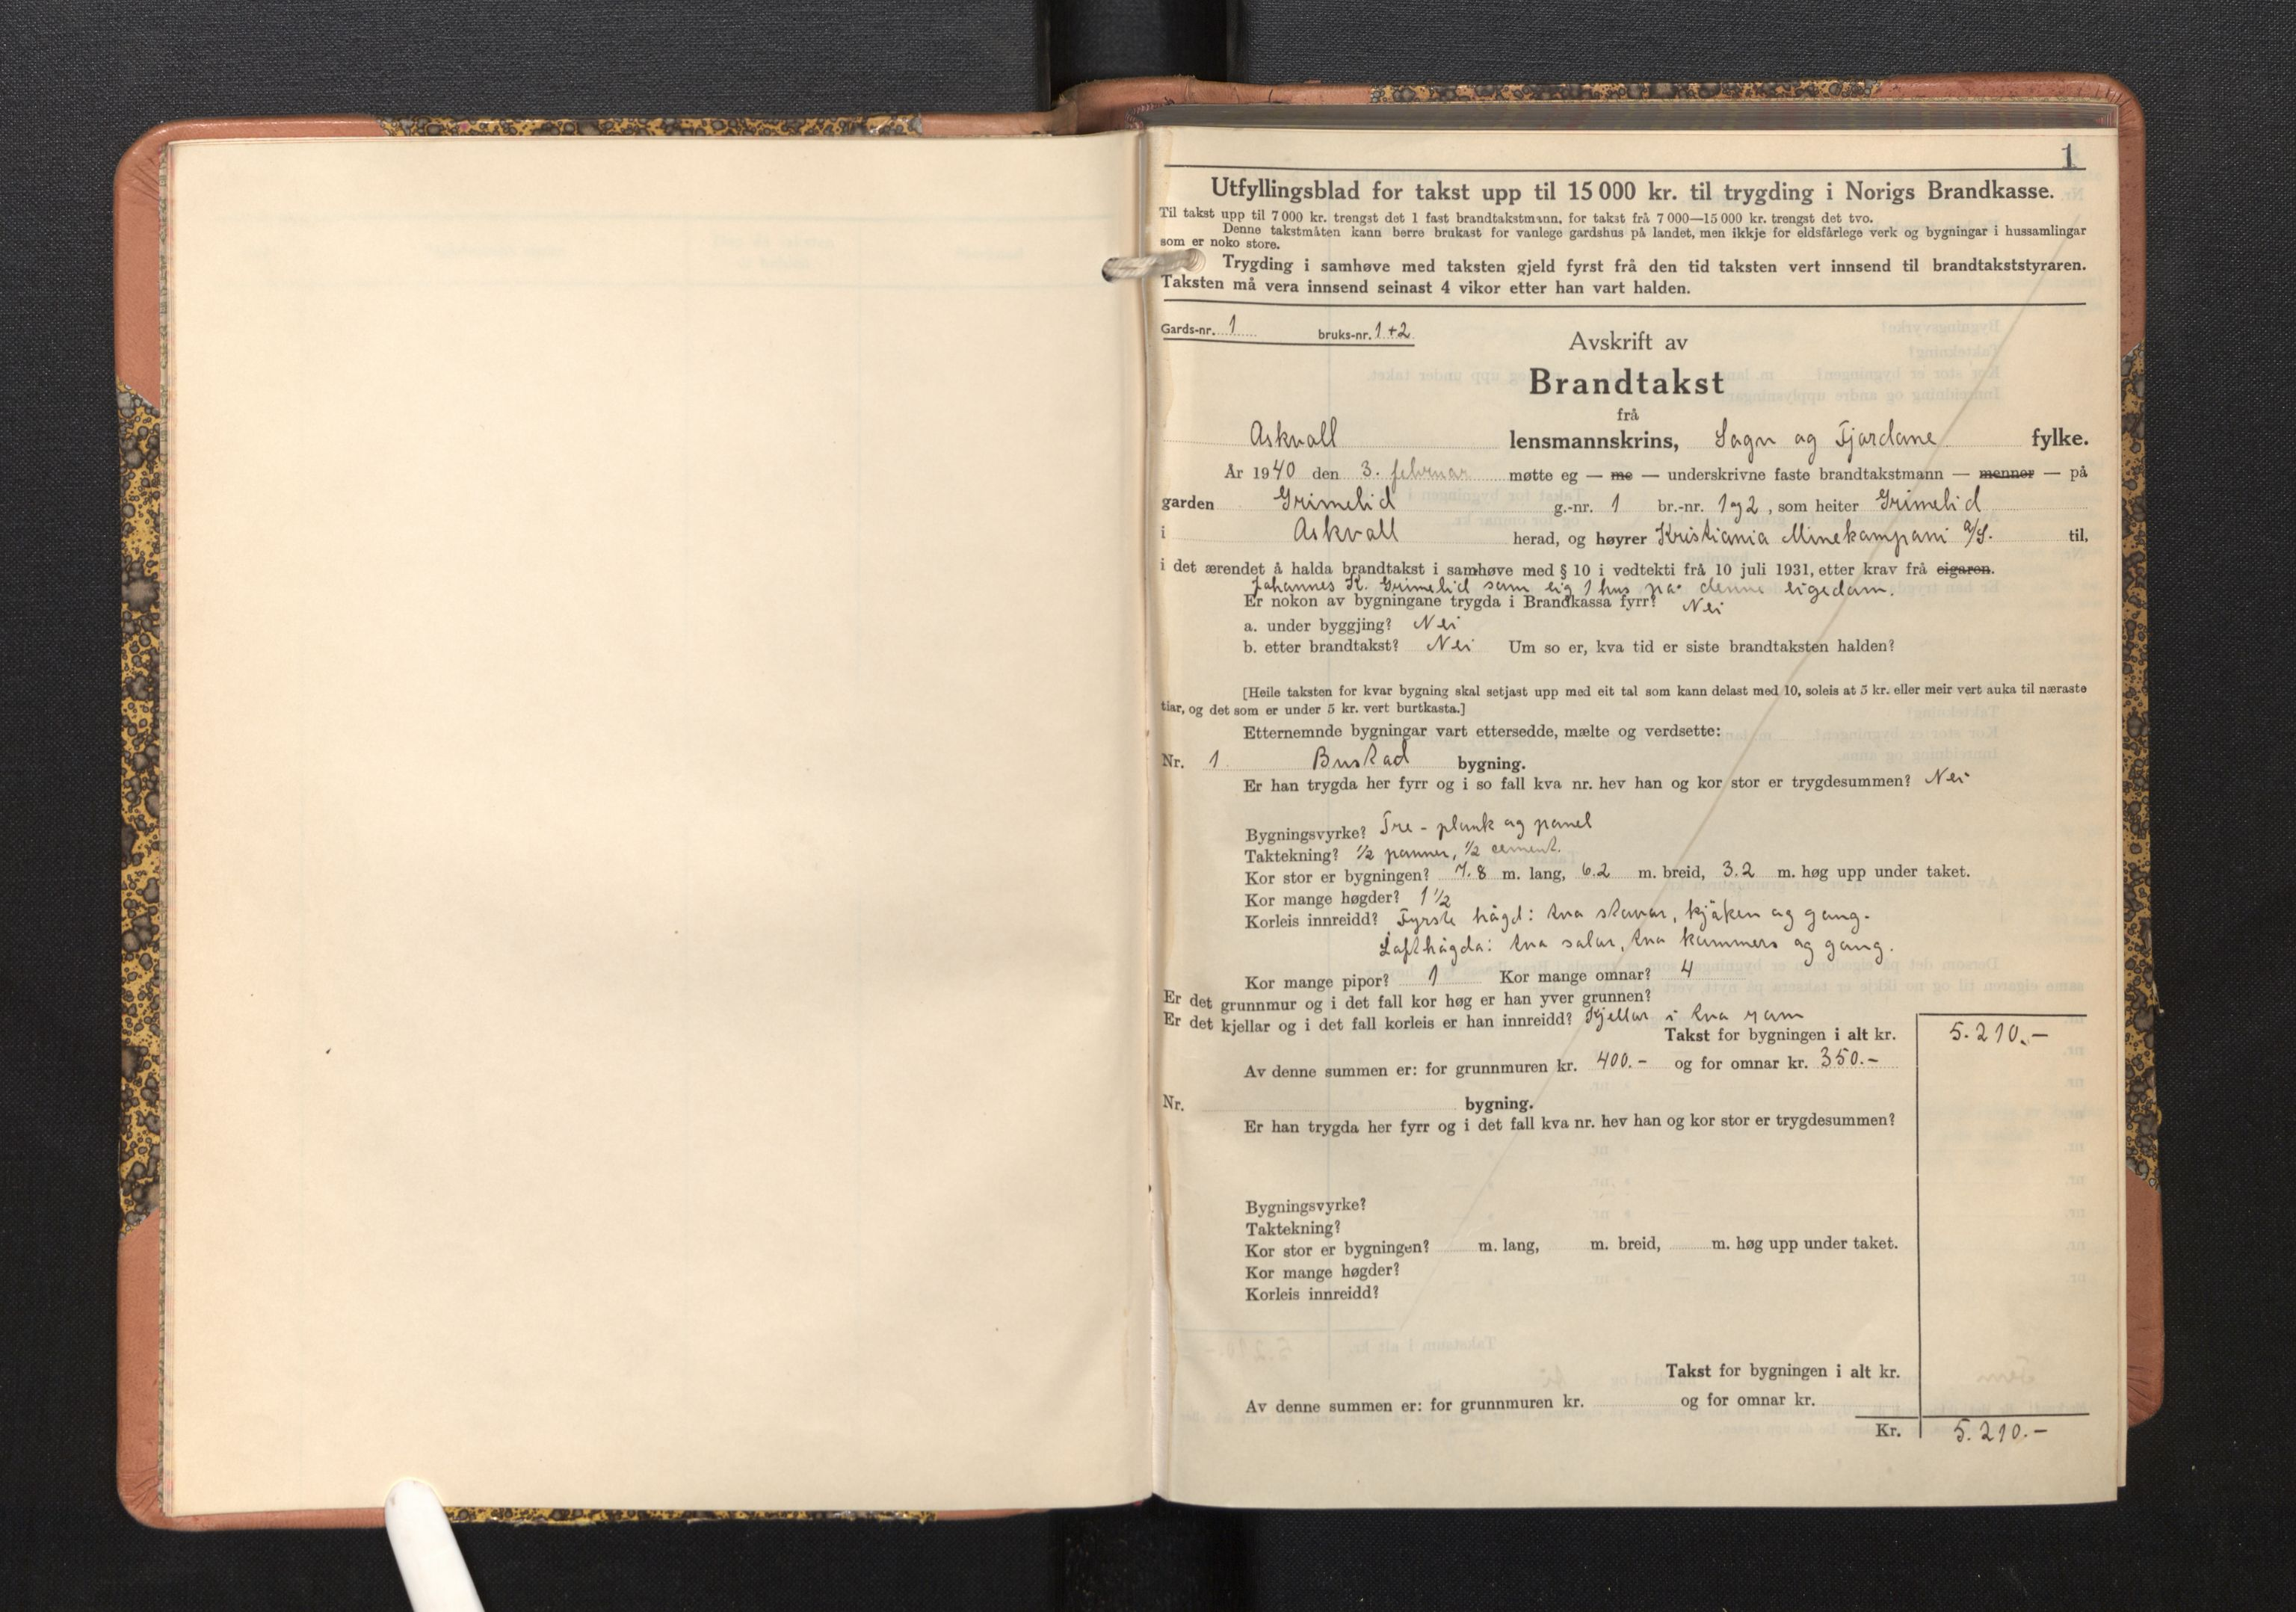 SAB, Lensmannen i Askvoll, 0012/L0005: Branntakstprotokoll, skjematakst, 1940-1949, s. 1